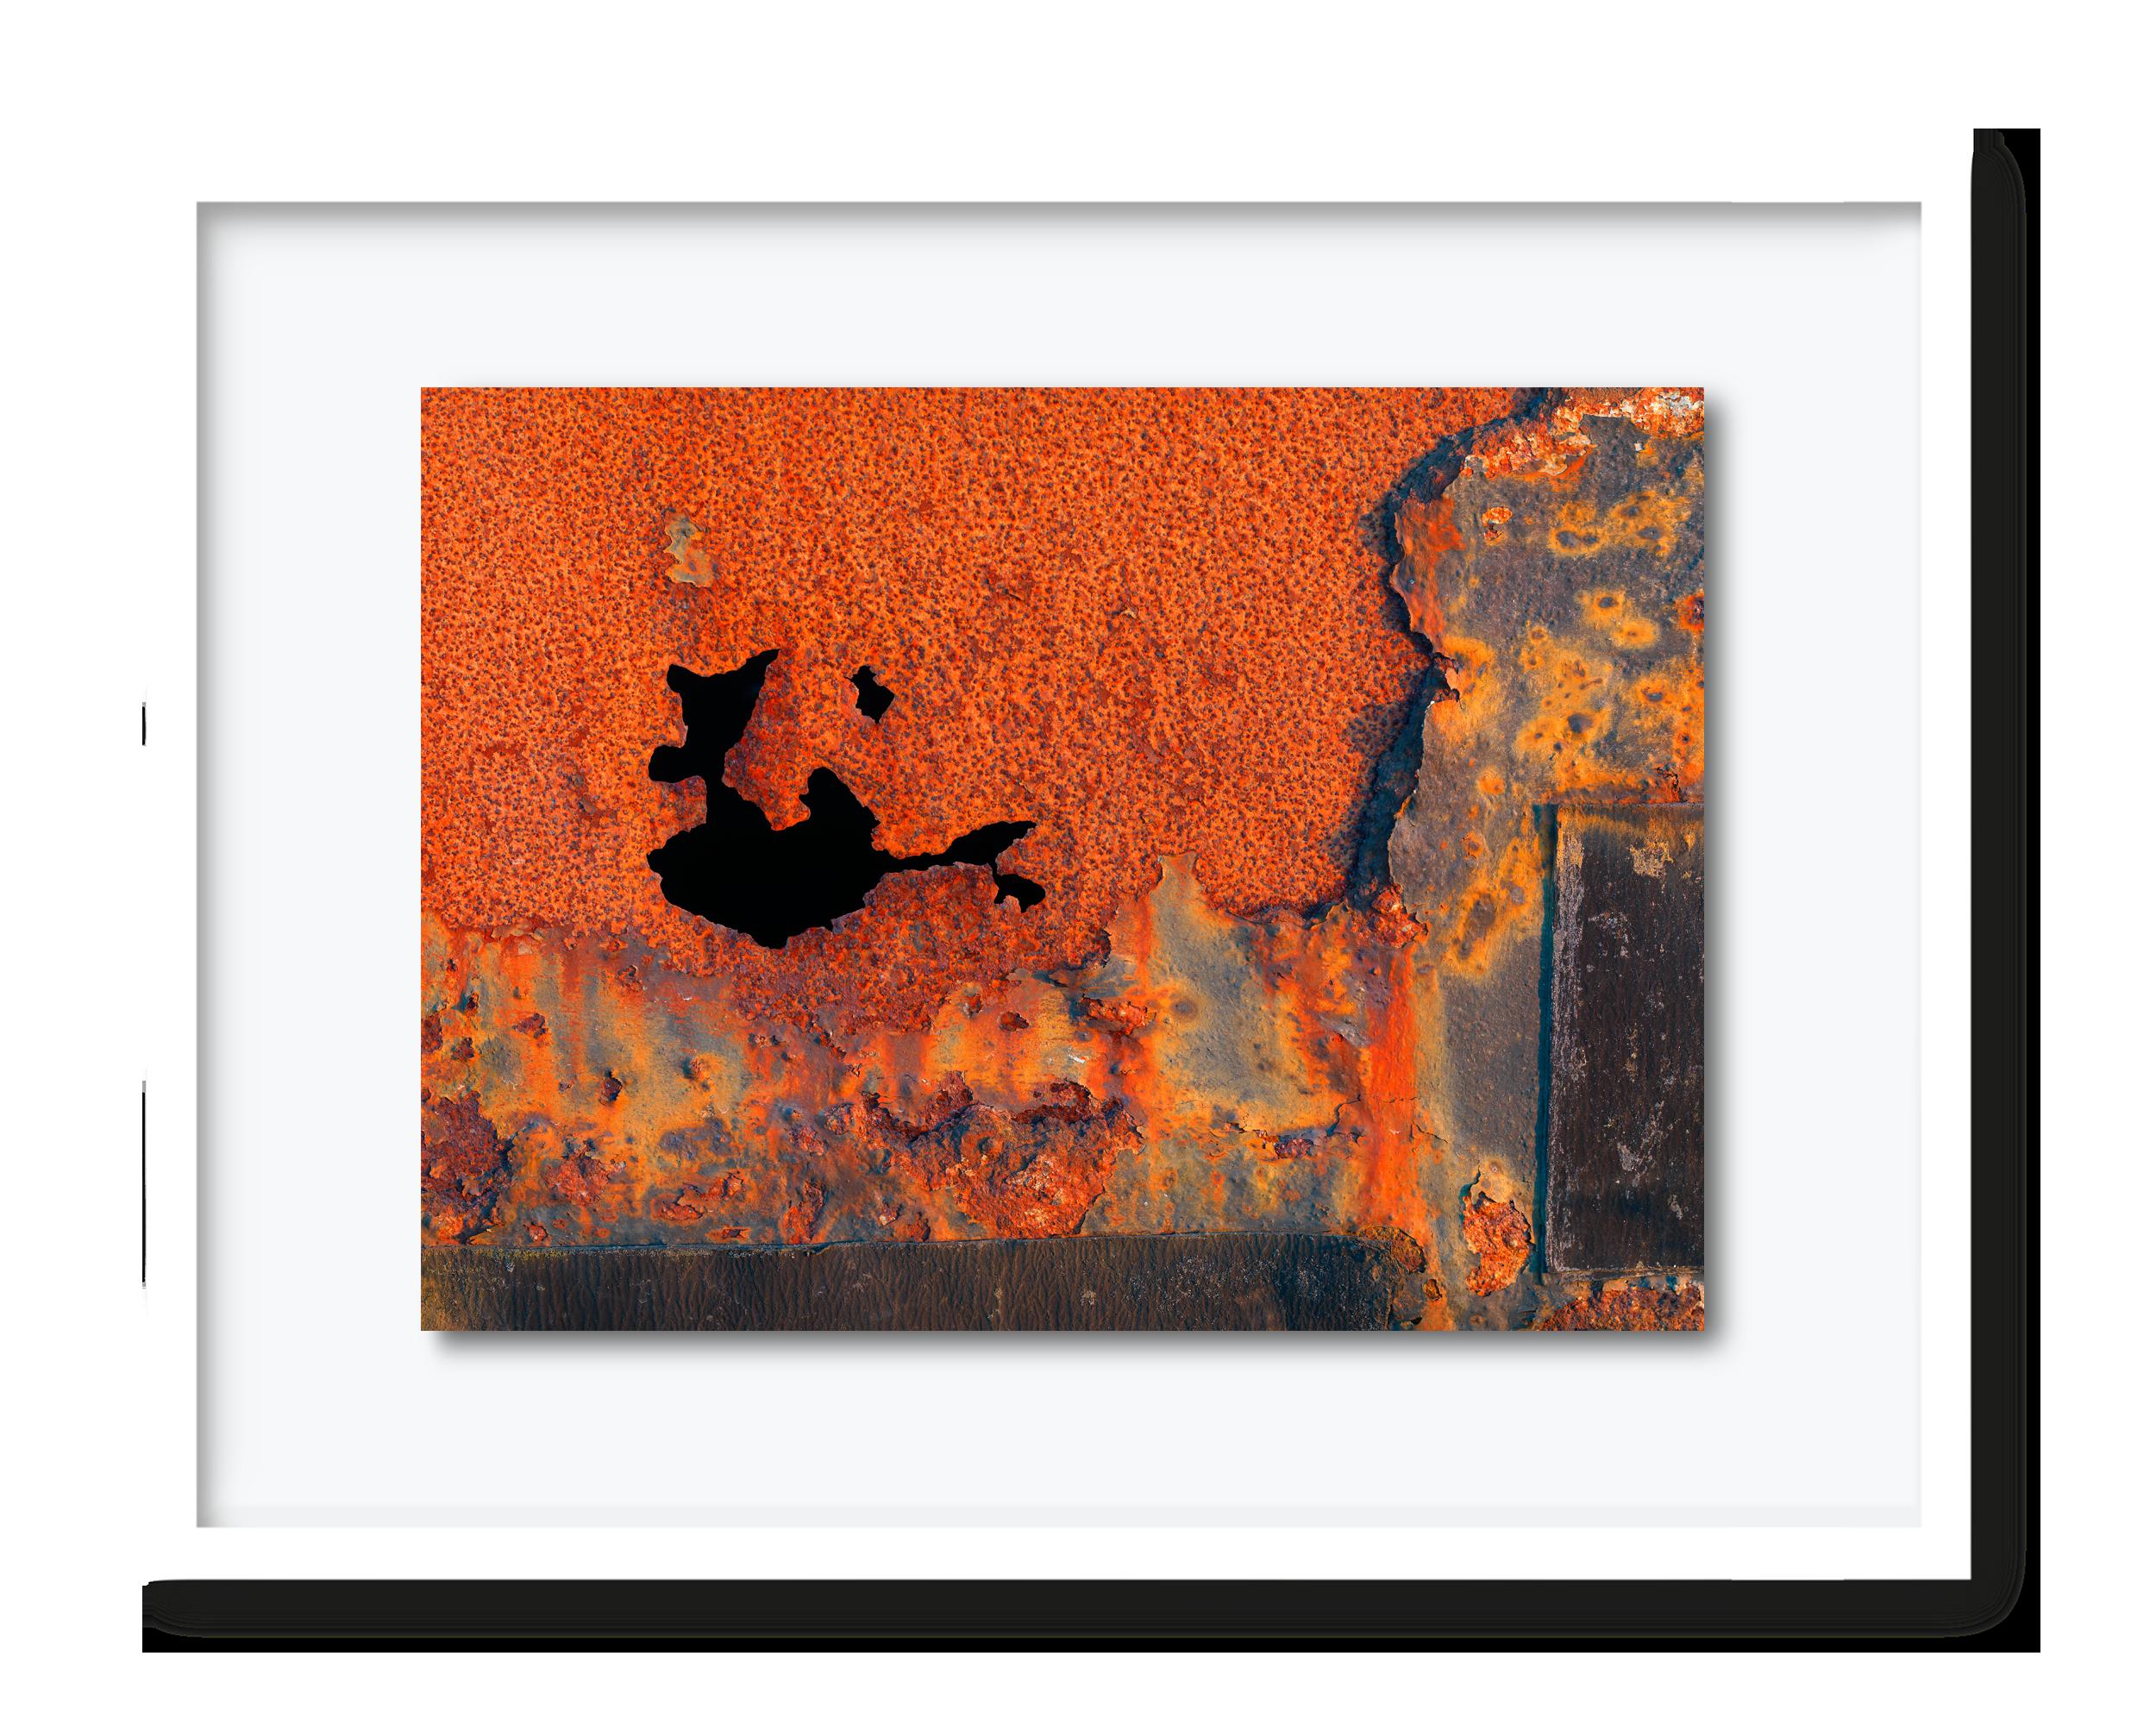 67.david-pearce-rust-texture.png